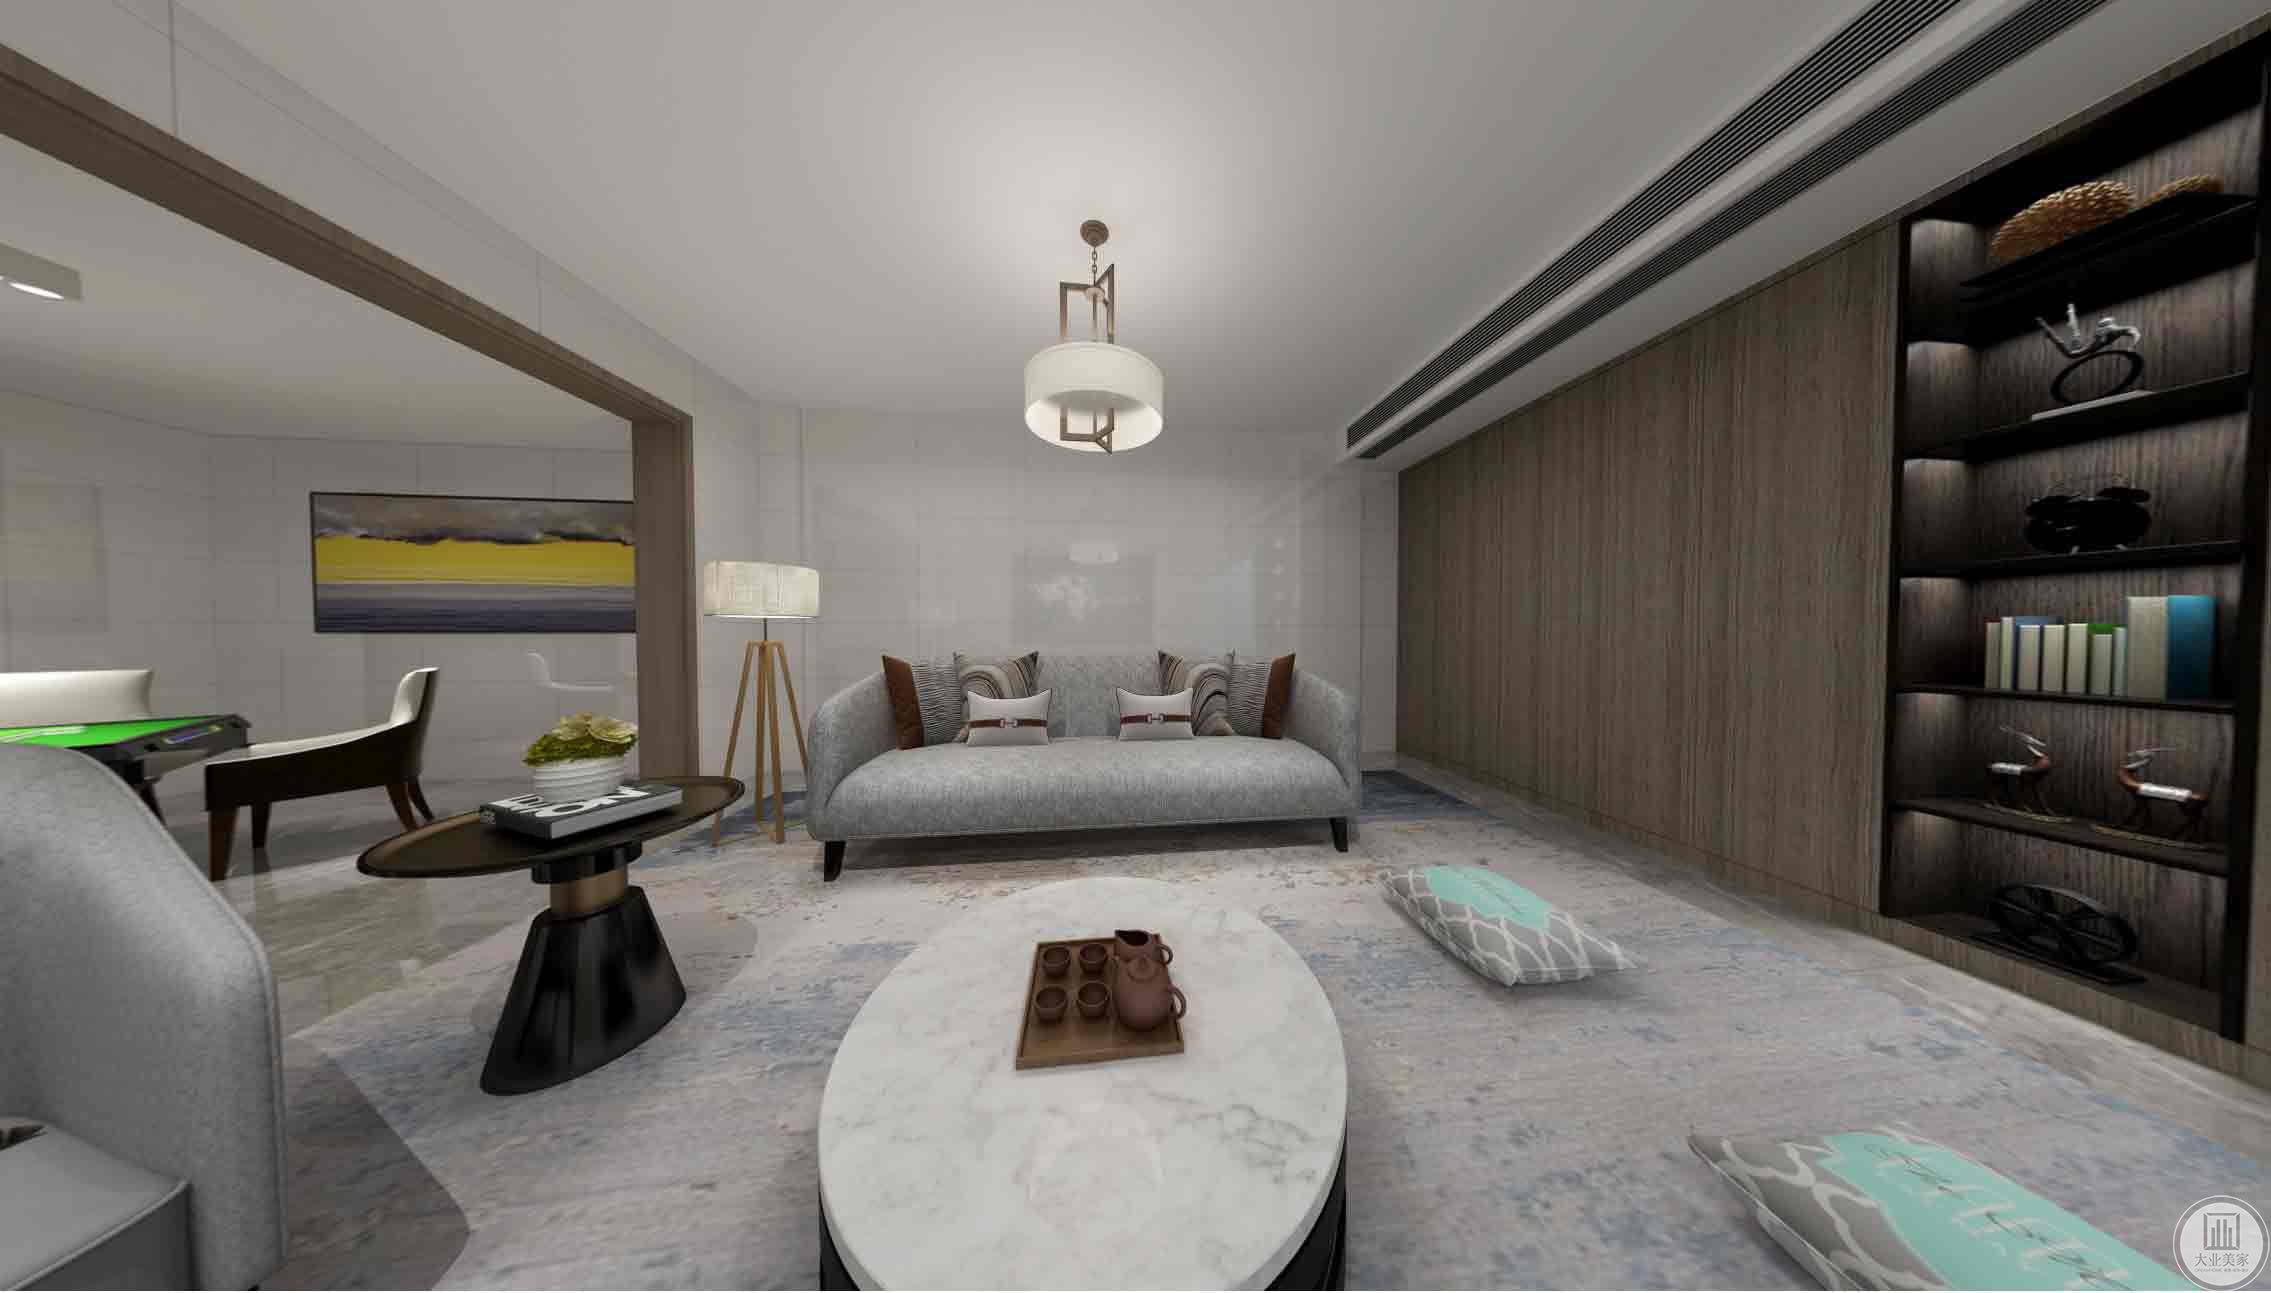 地下室:主要以白色为主,深灰色的木作作为点缀。简单的艺术吊顶,米灰色的沙发显得空间大气明亮。